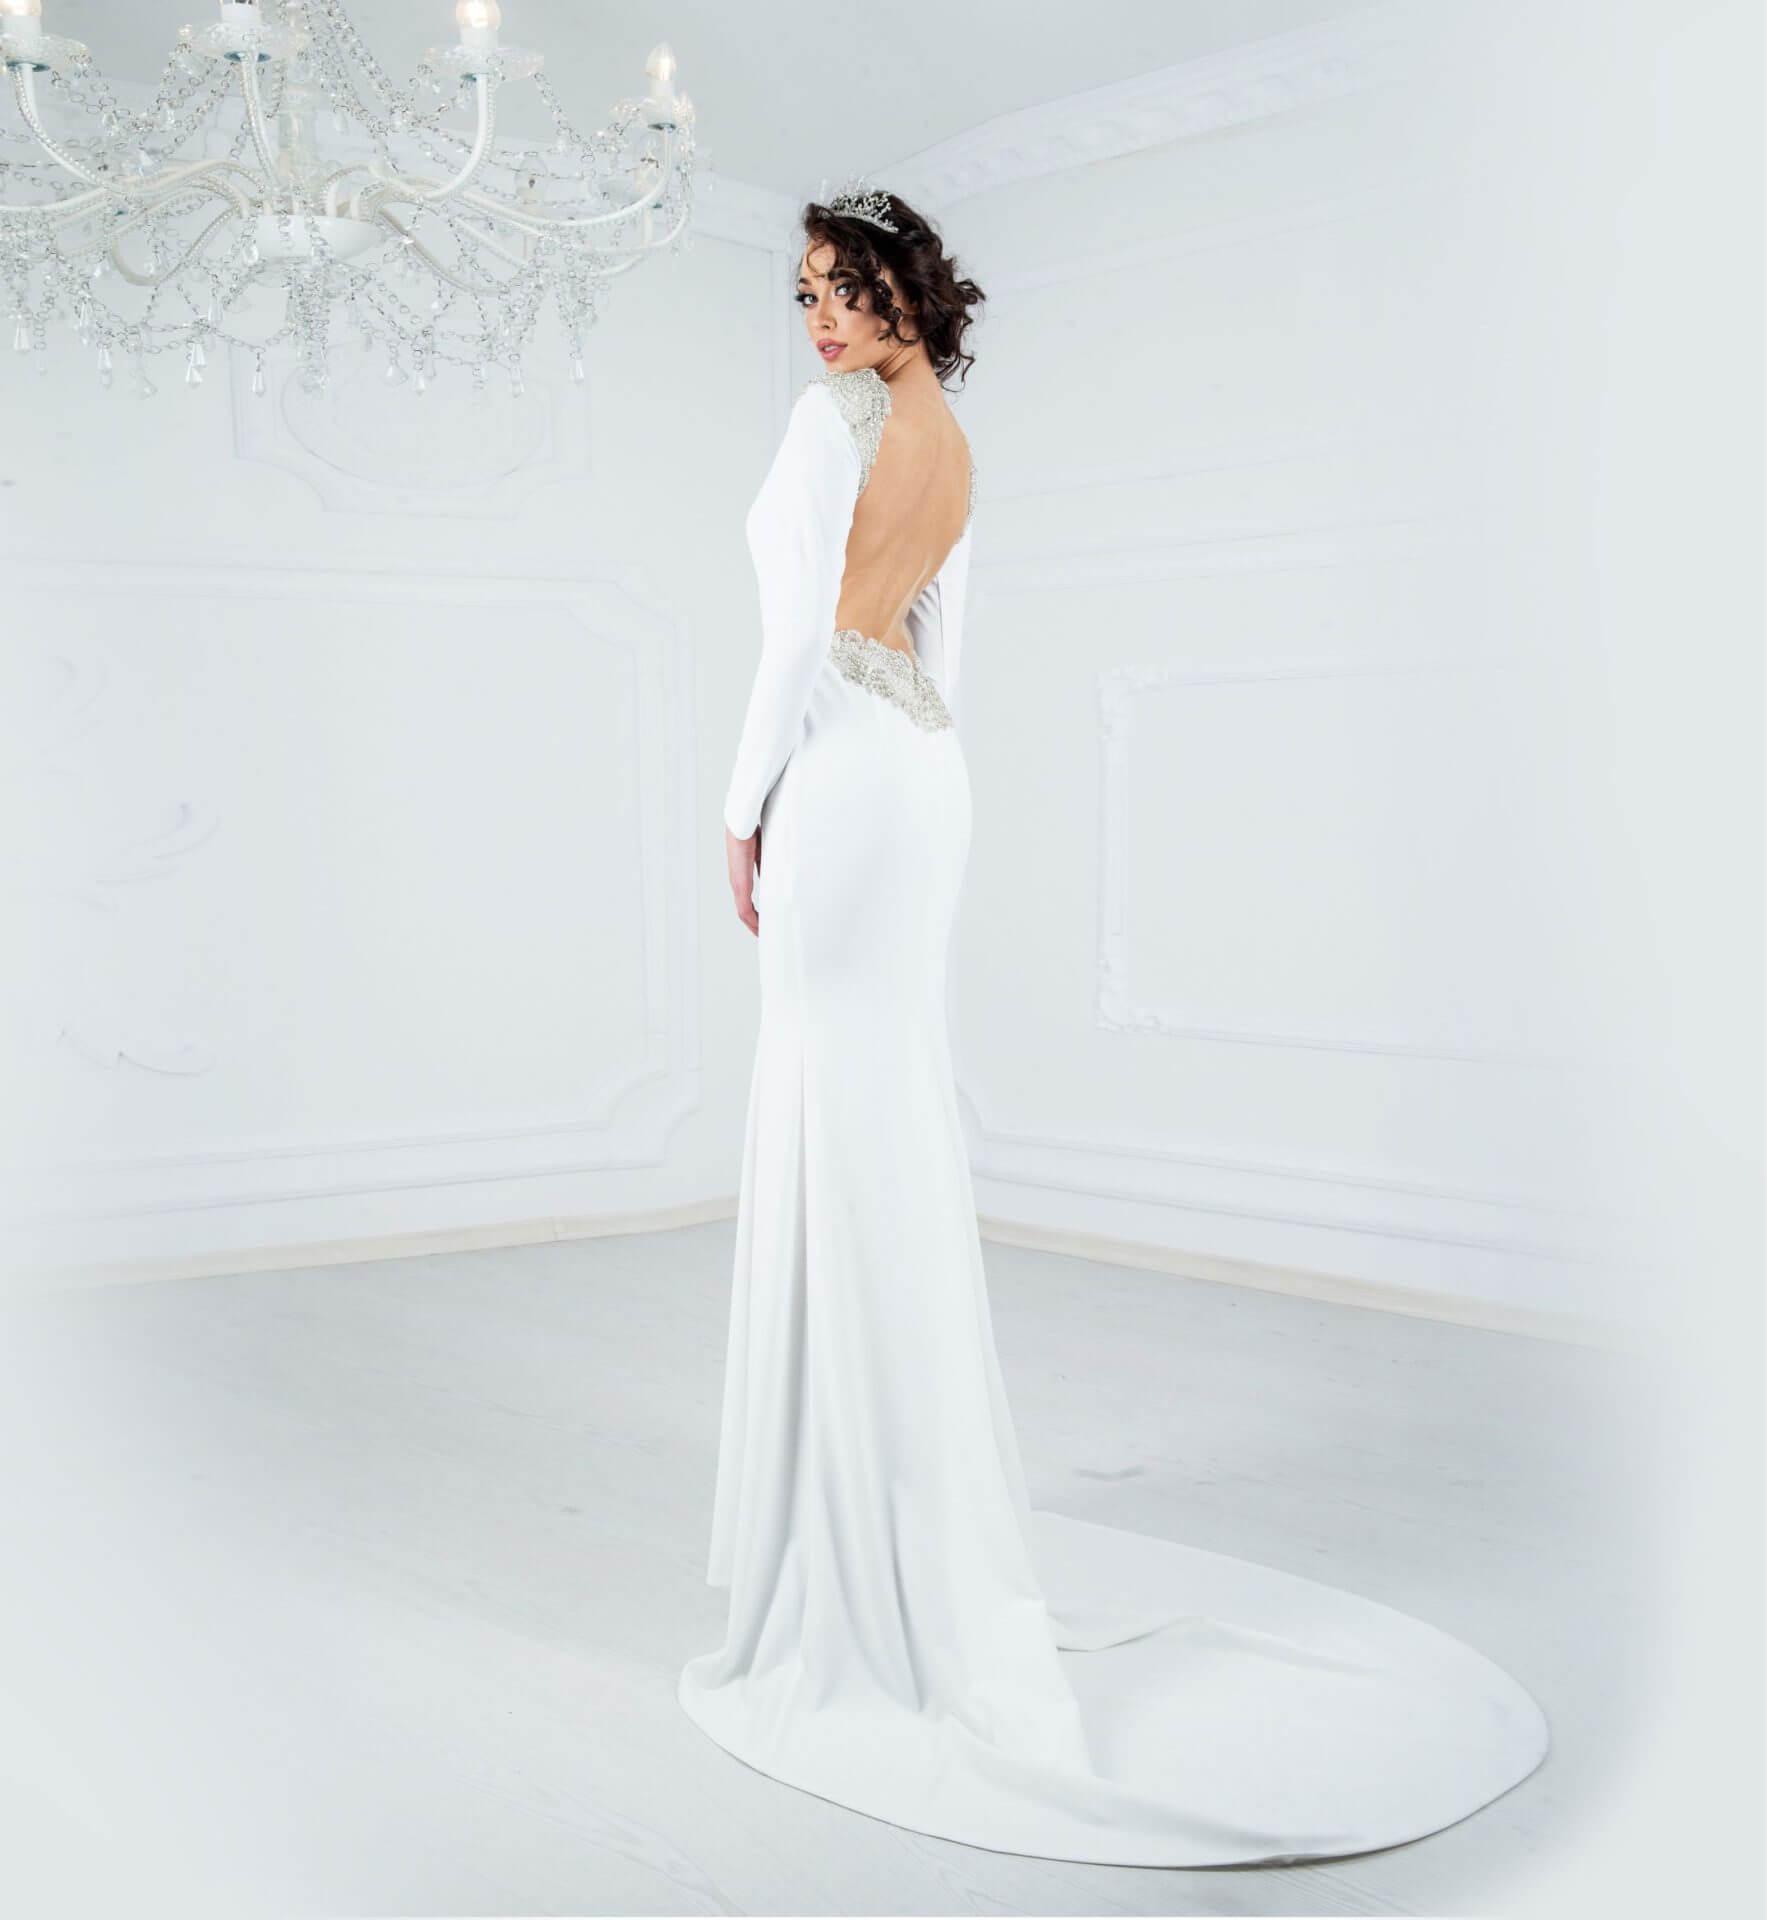 Бяла рокля с гръб ръчна бродерия - 2600 лв.